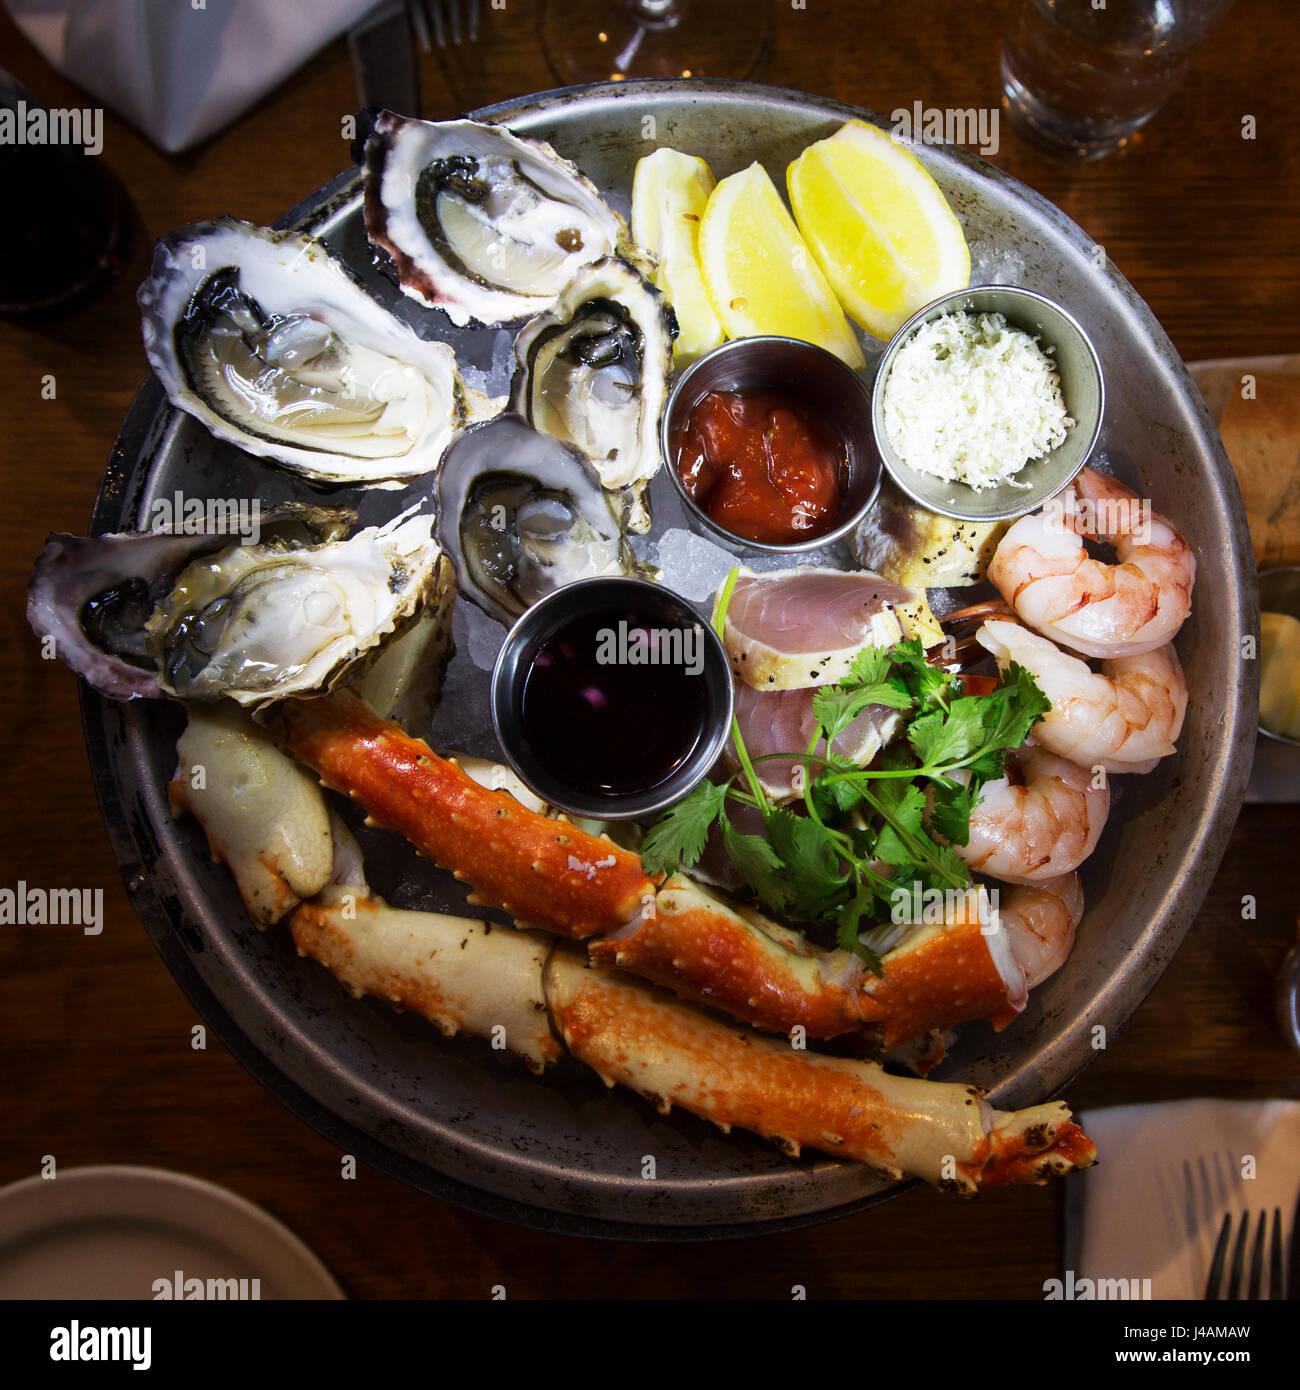 Una mariscada de productos locales, servido en Vancouver, Canadá. La comida es obtenido localmente. Imagen De Stock